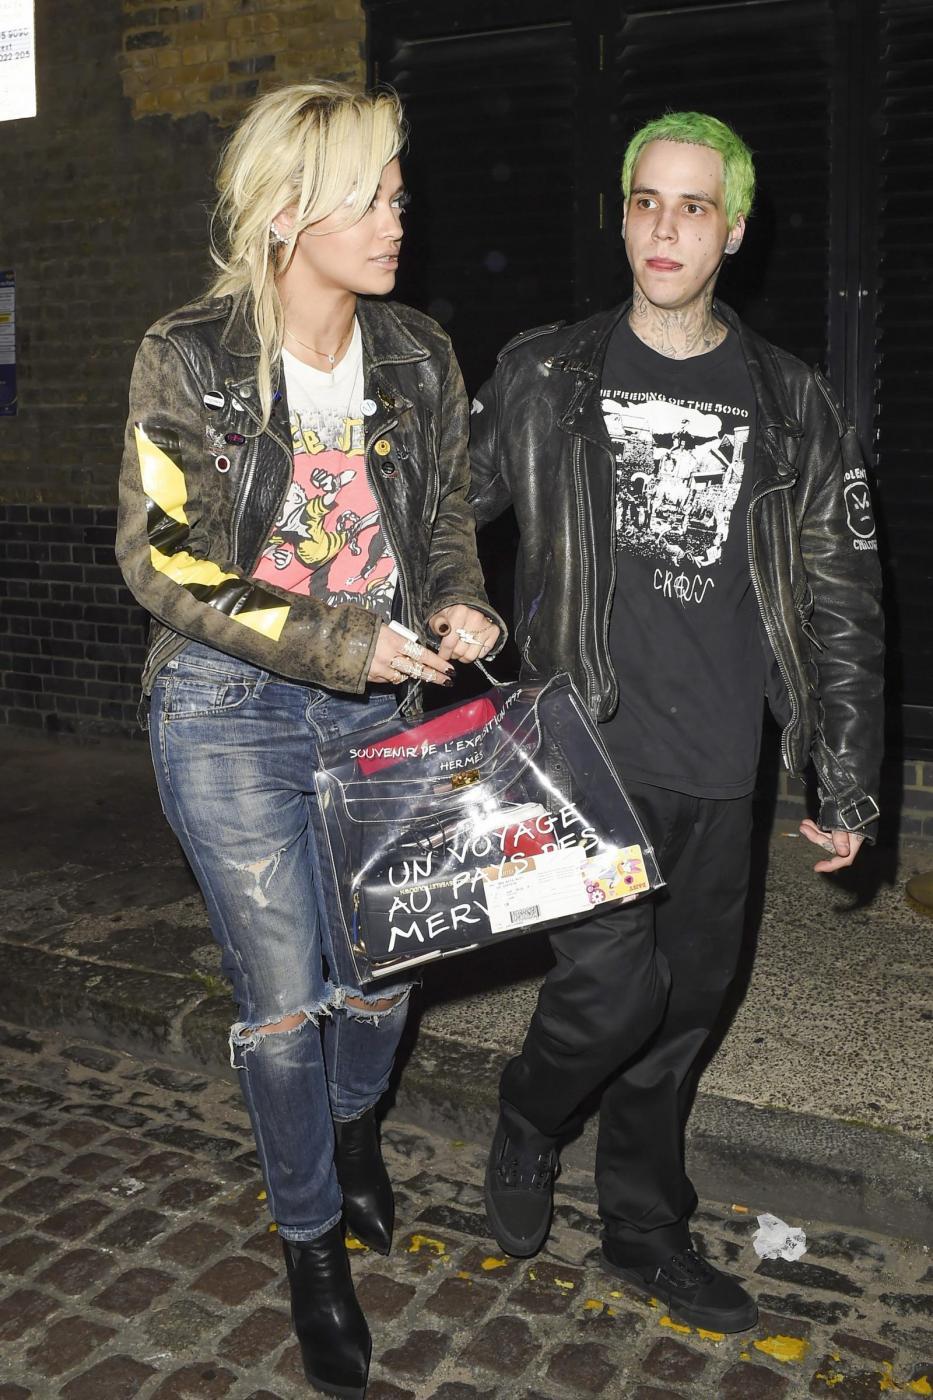 Rita Ora insieme al fidanzato Ricky Hil a Londra FOTO 7